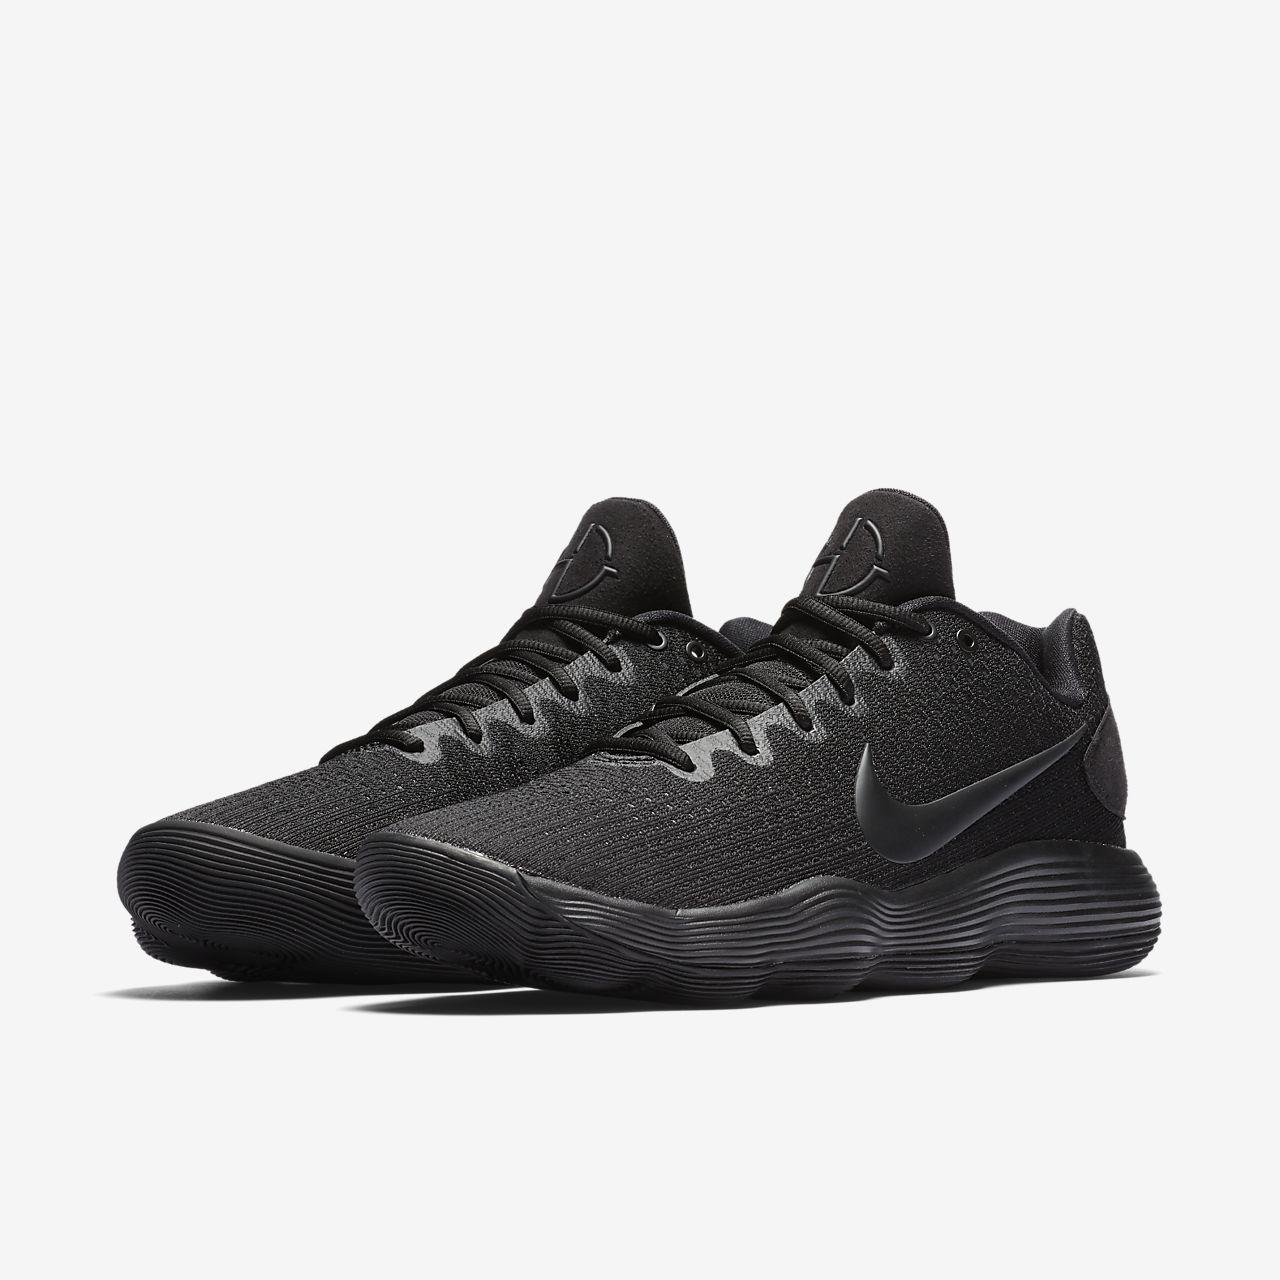 Custom Nike Dunk Id Ideas For Boys Girls. nike air force 1 ... 504f670972